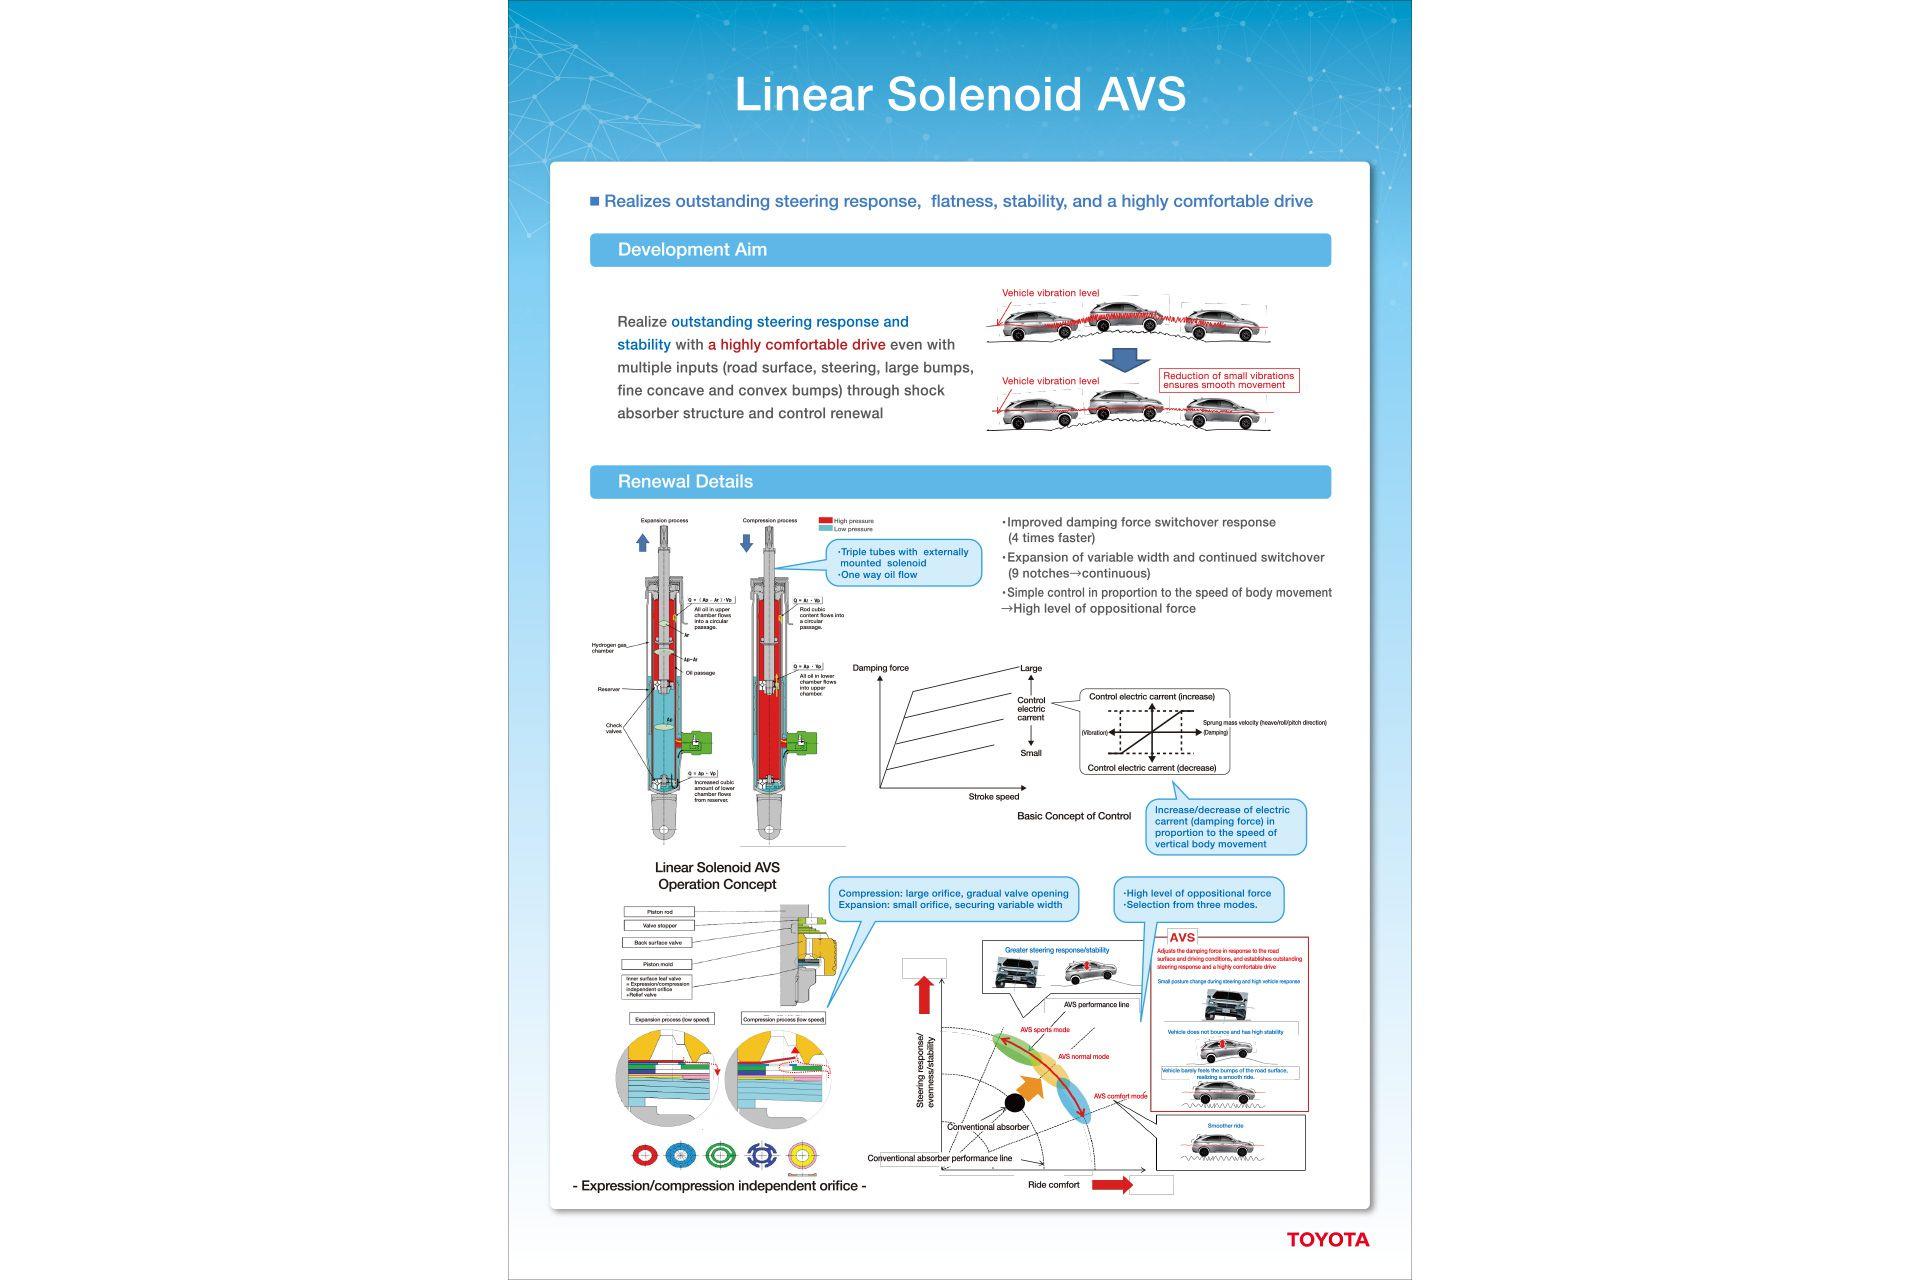 Linear Solenoid AVS